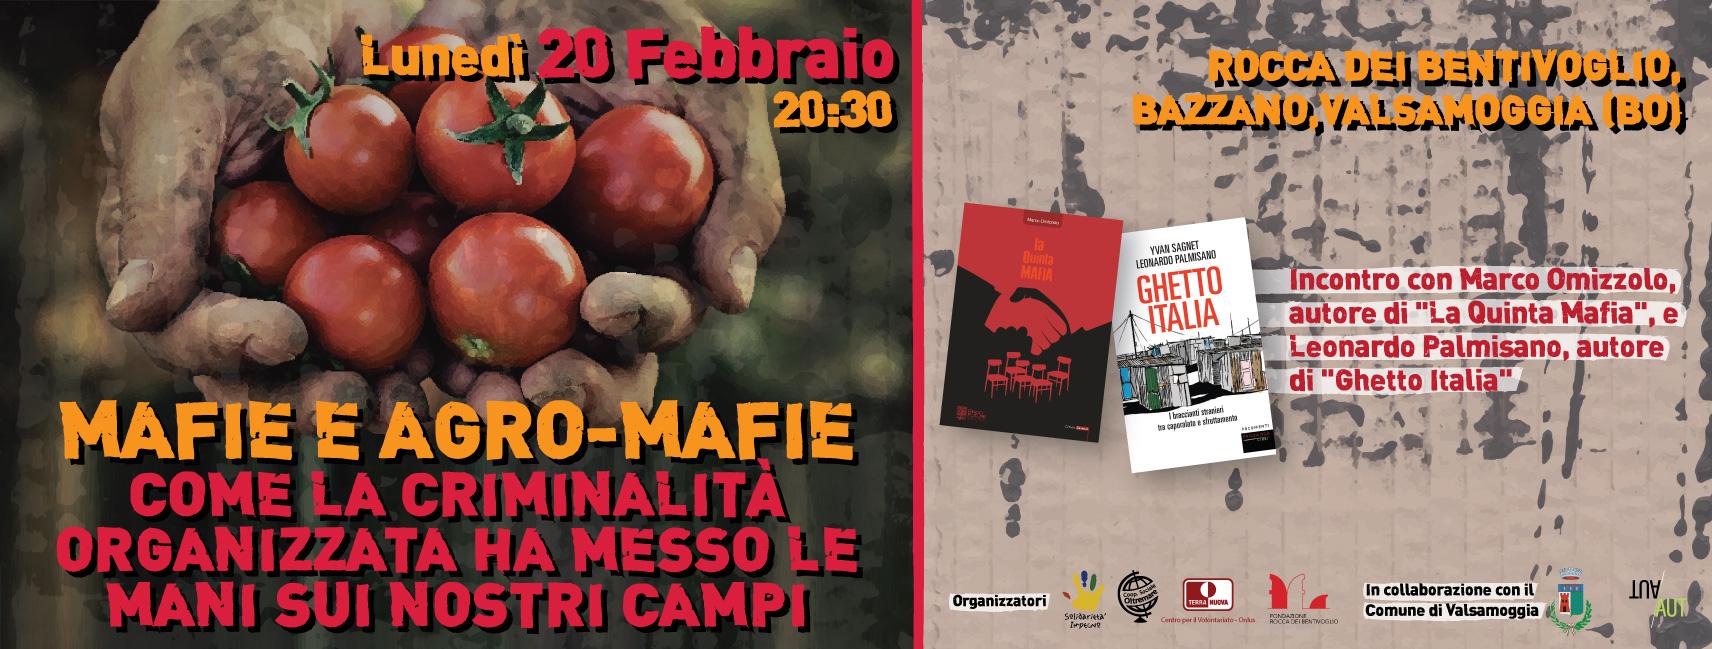 Evento20Febb_FB-01